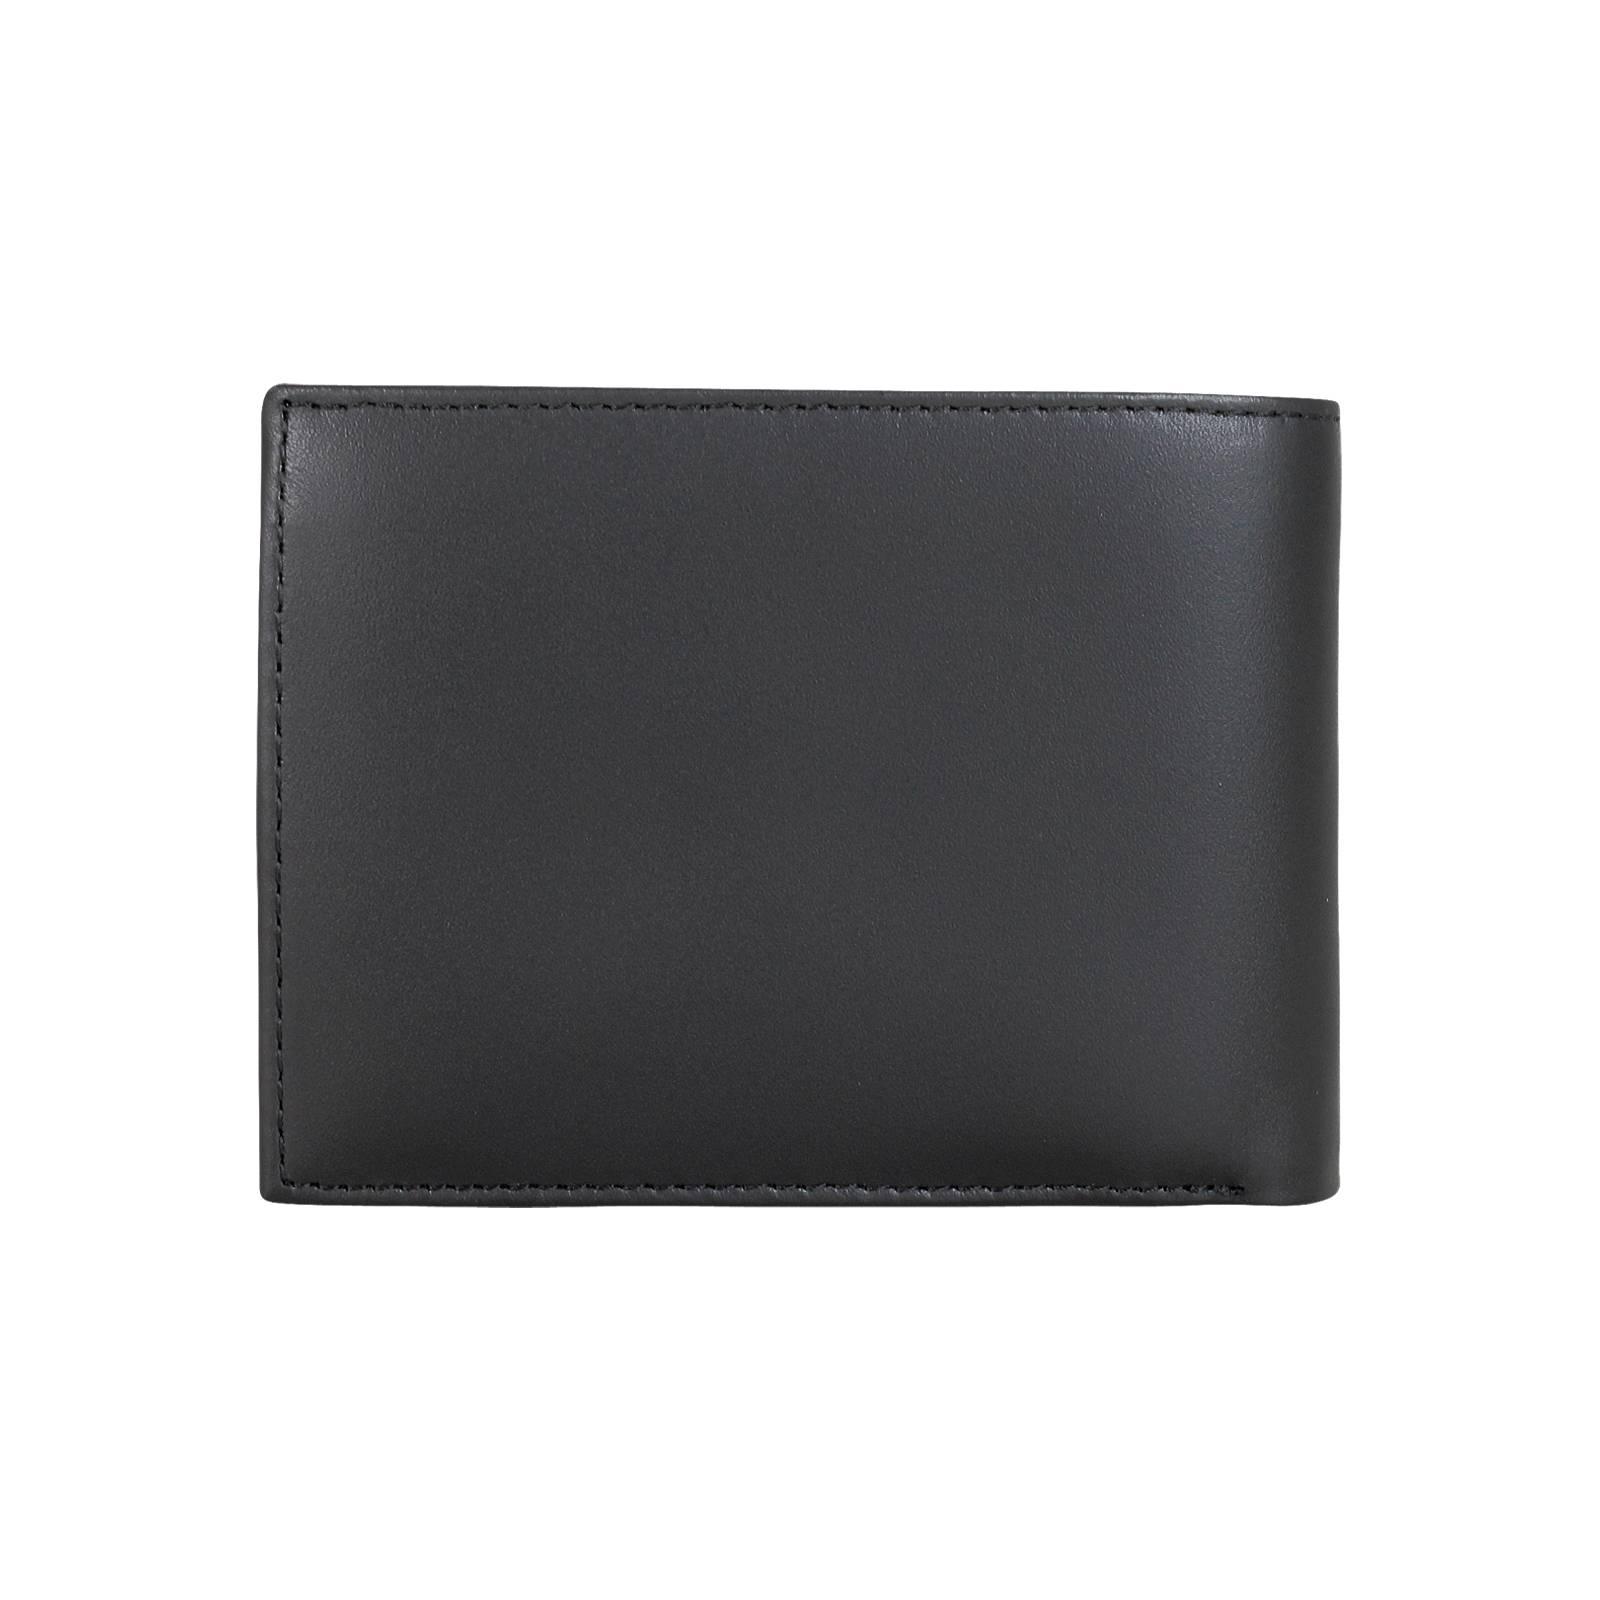 3c89ca7bb9 Eton CC Flap   Coin Pocket - Ανδρικό πορτοφόλι Tommy Hilfiger από ...